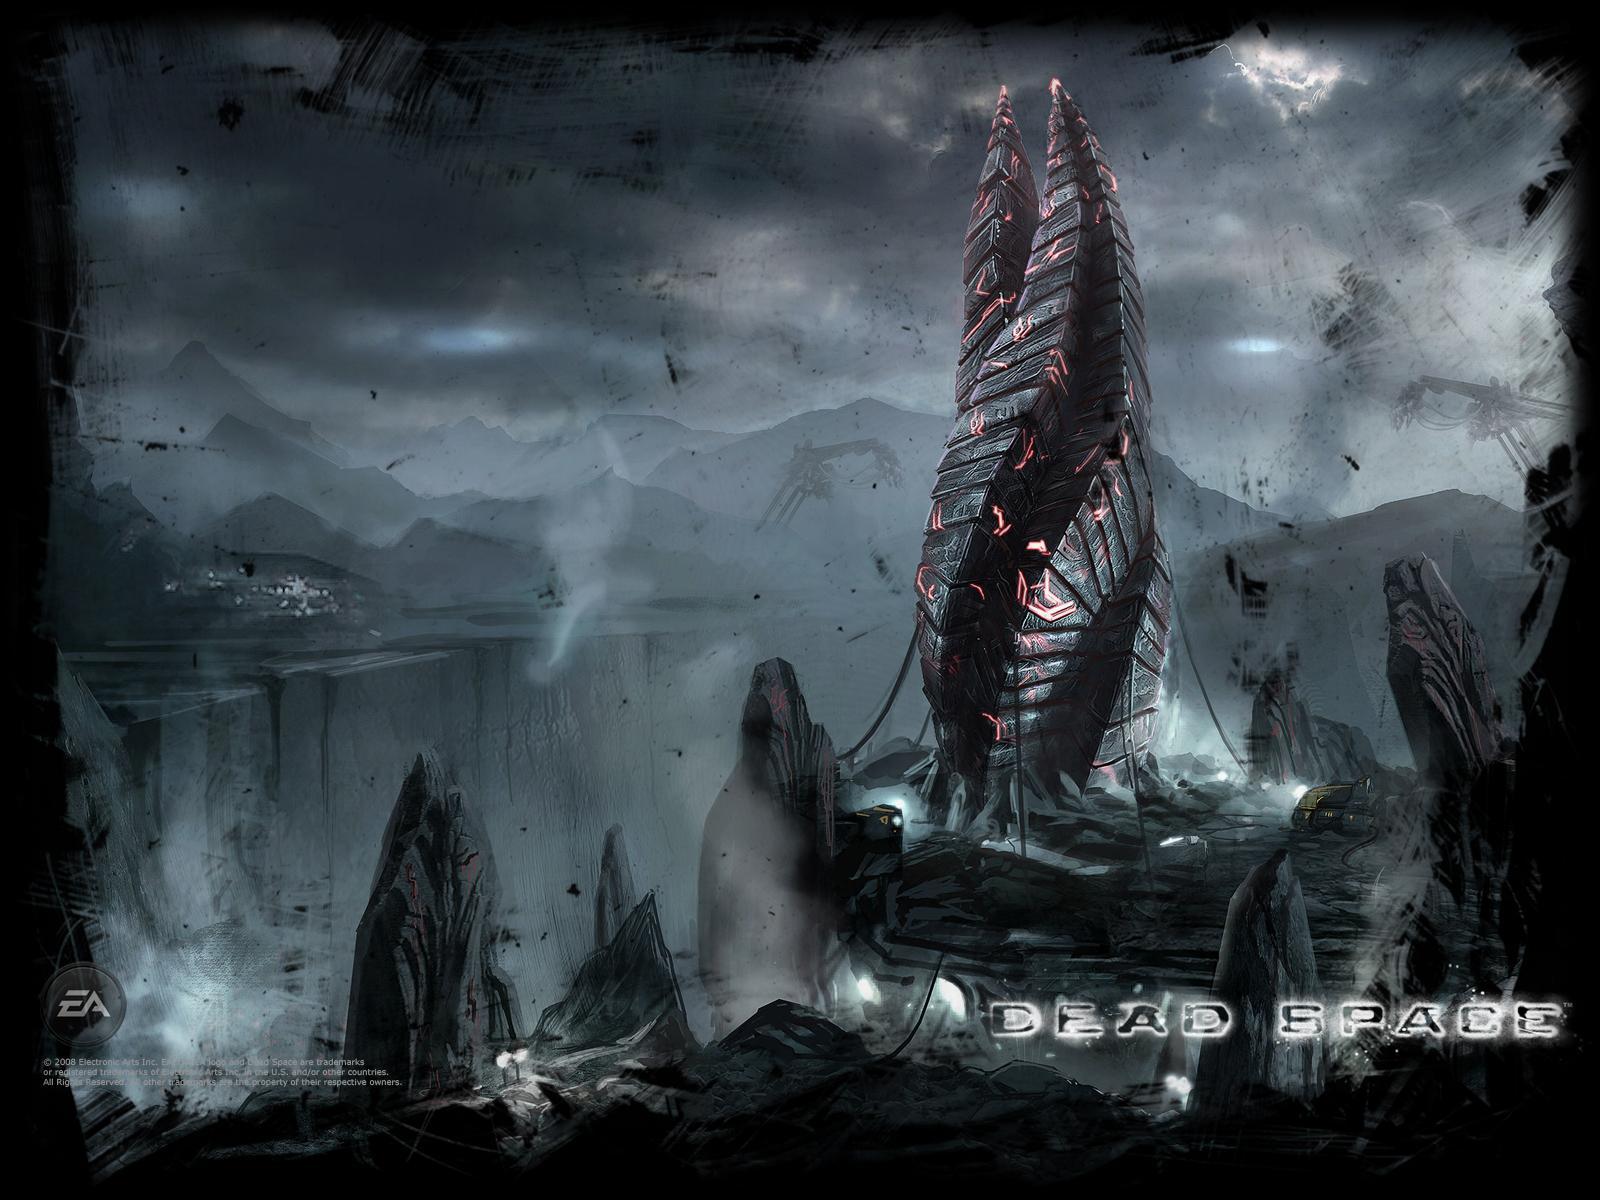 Кто-нибудь хочет смерти серии Dead Space?   После E3 бытует мнение о медленной, но неизбежной кончине Айзека Кларка  ... - Изображение 2